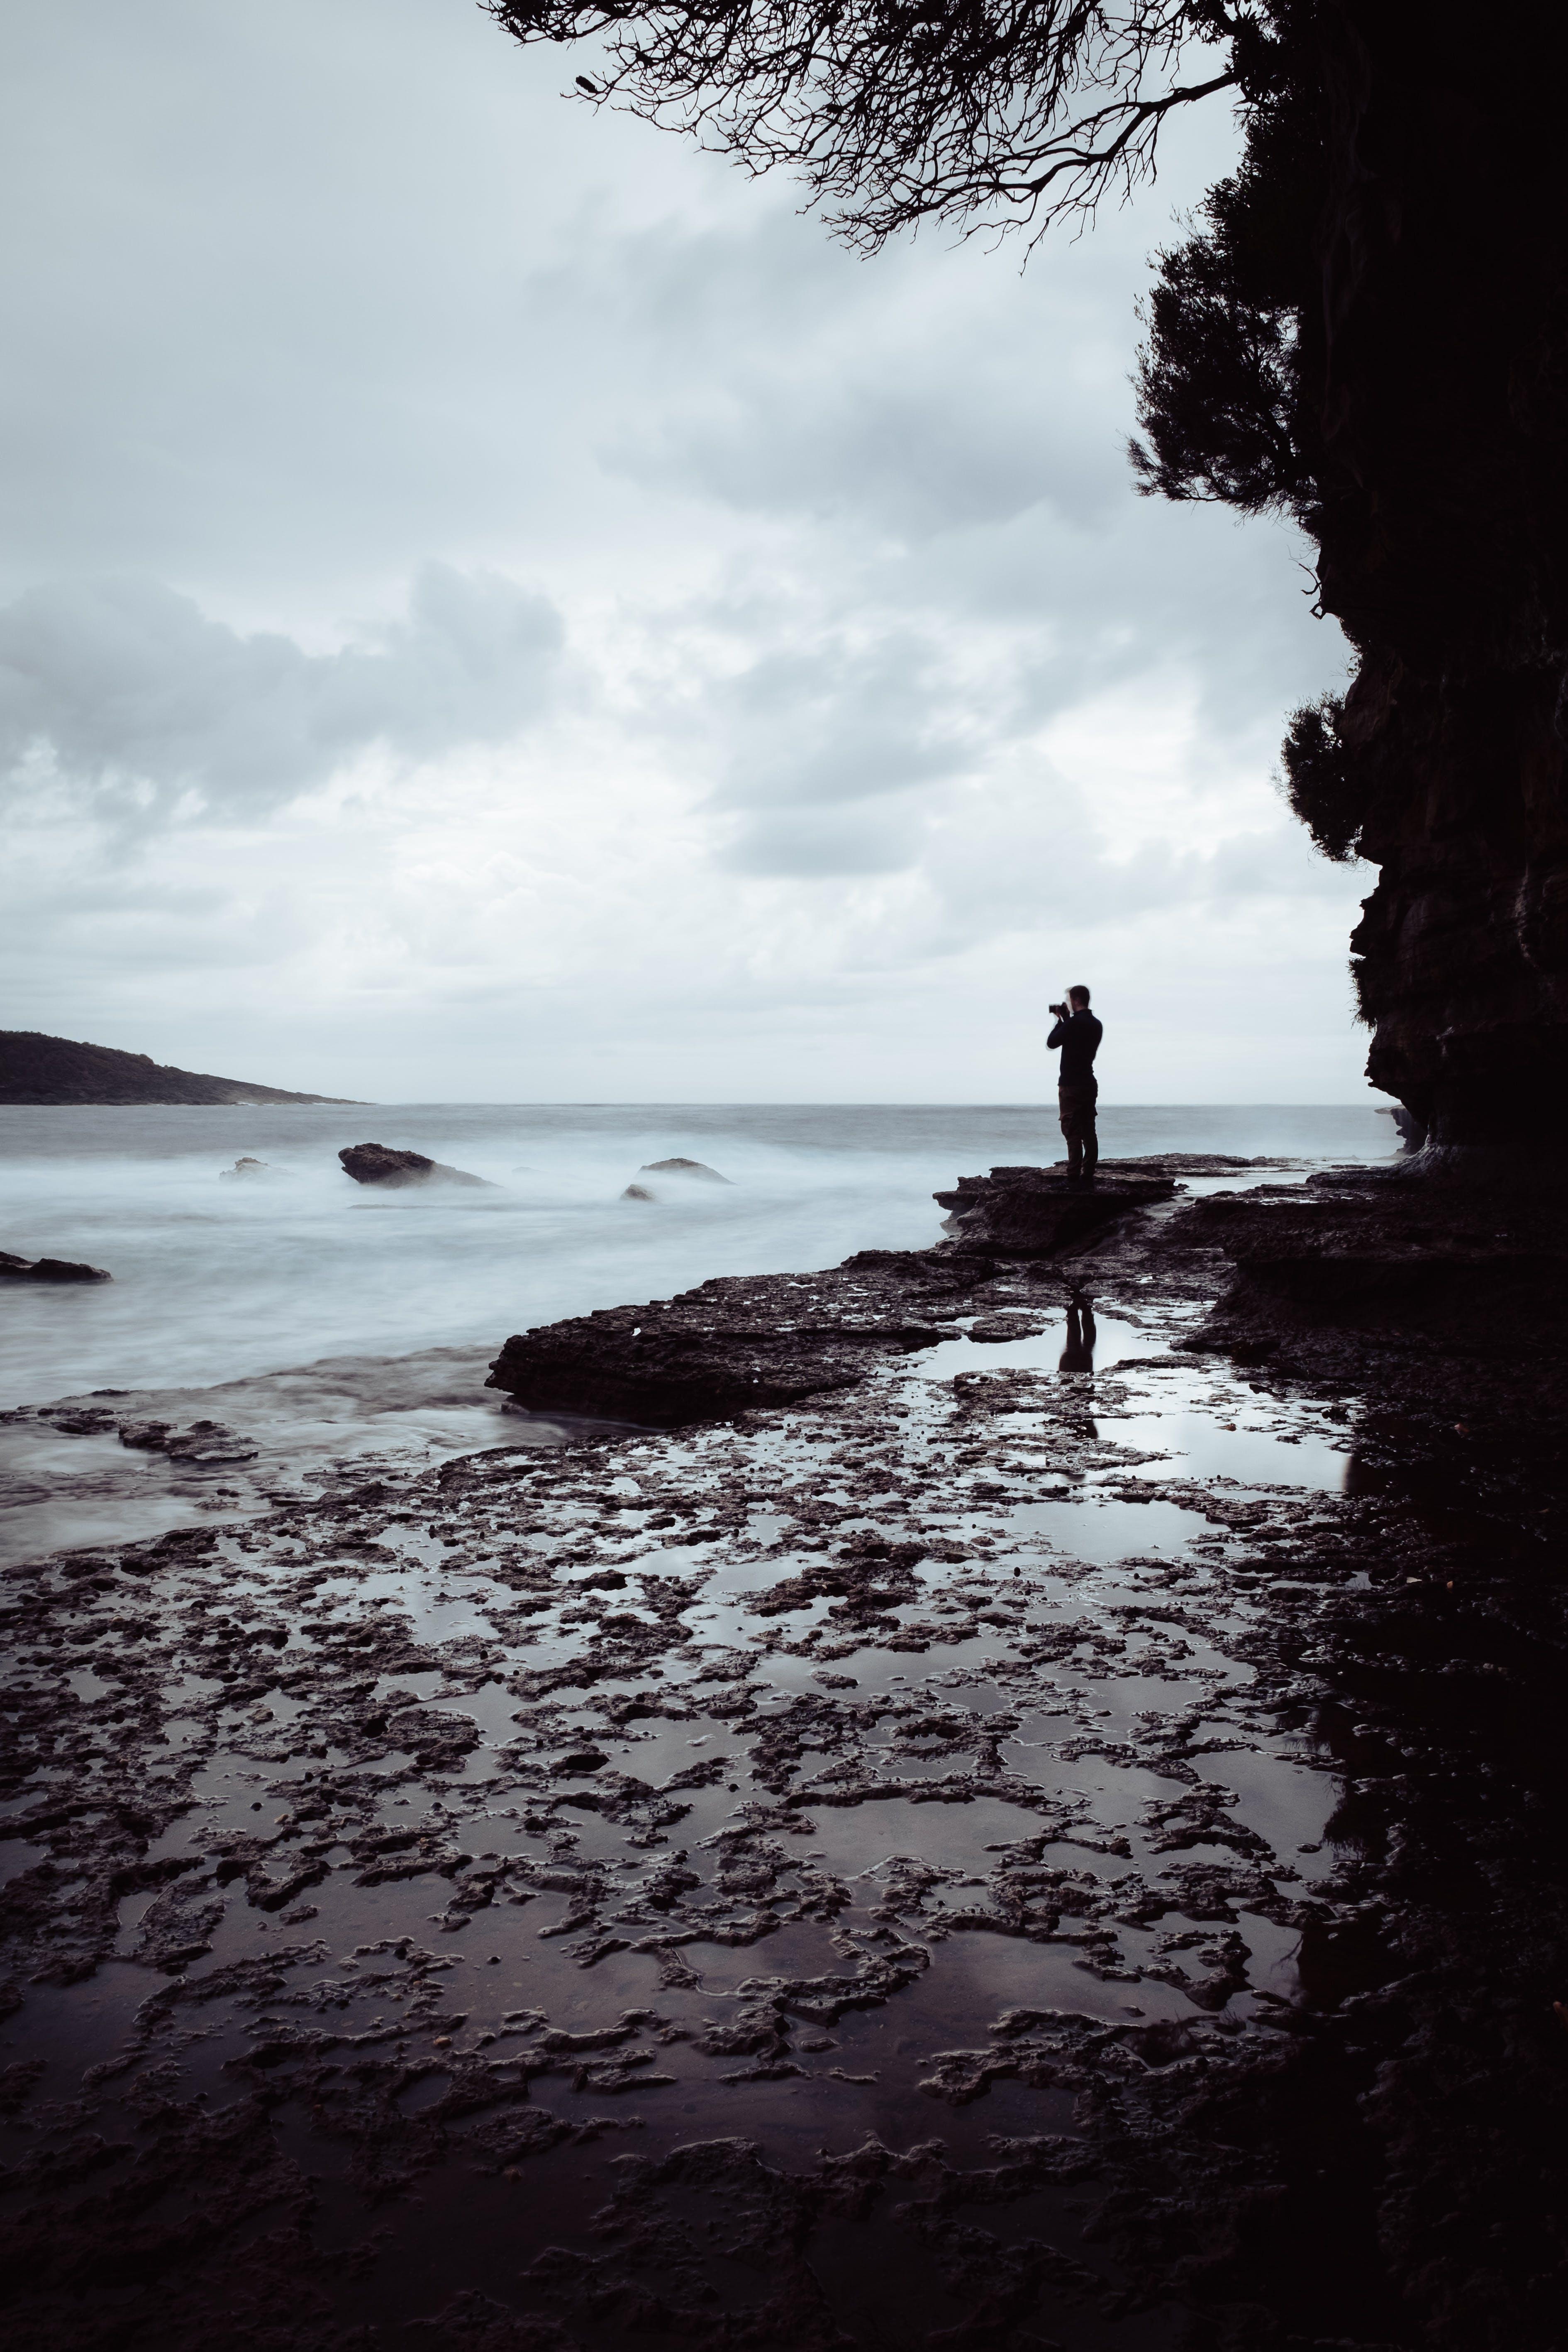 Man Standing on Rock Near Ocean